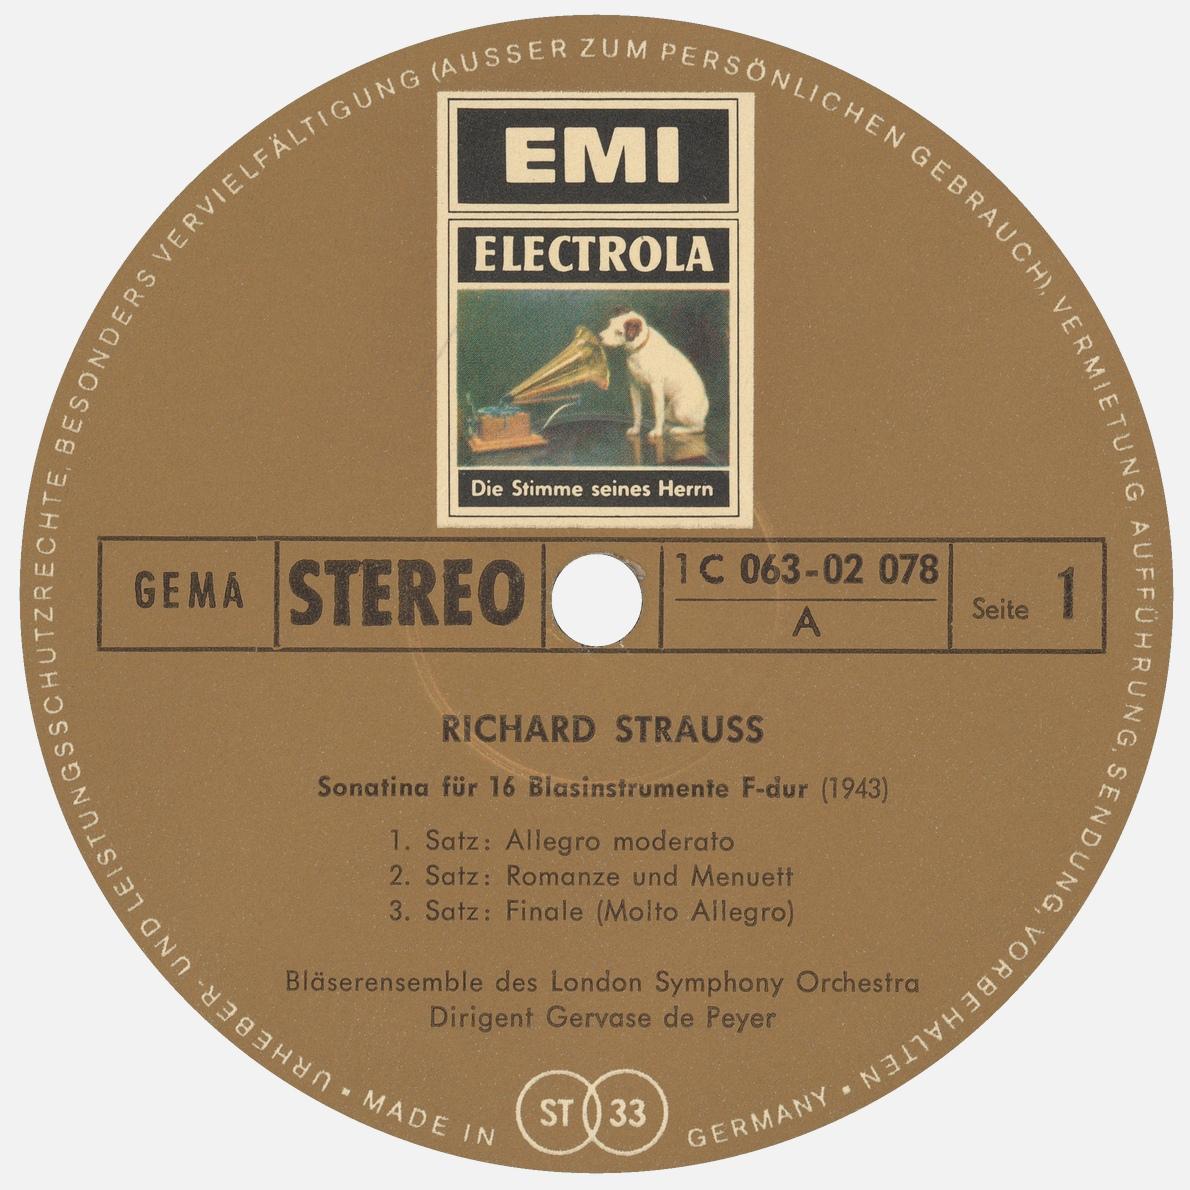 Étiquette recto du disque EMI 1C 063-02 078